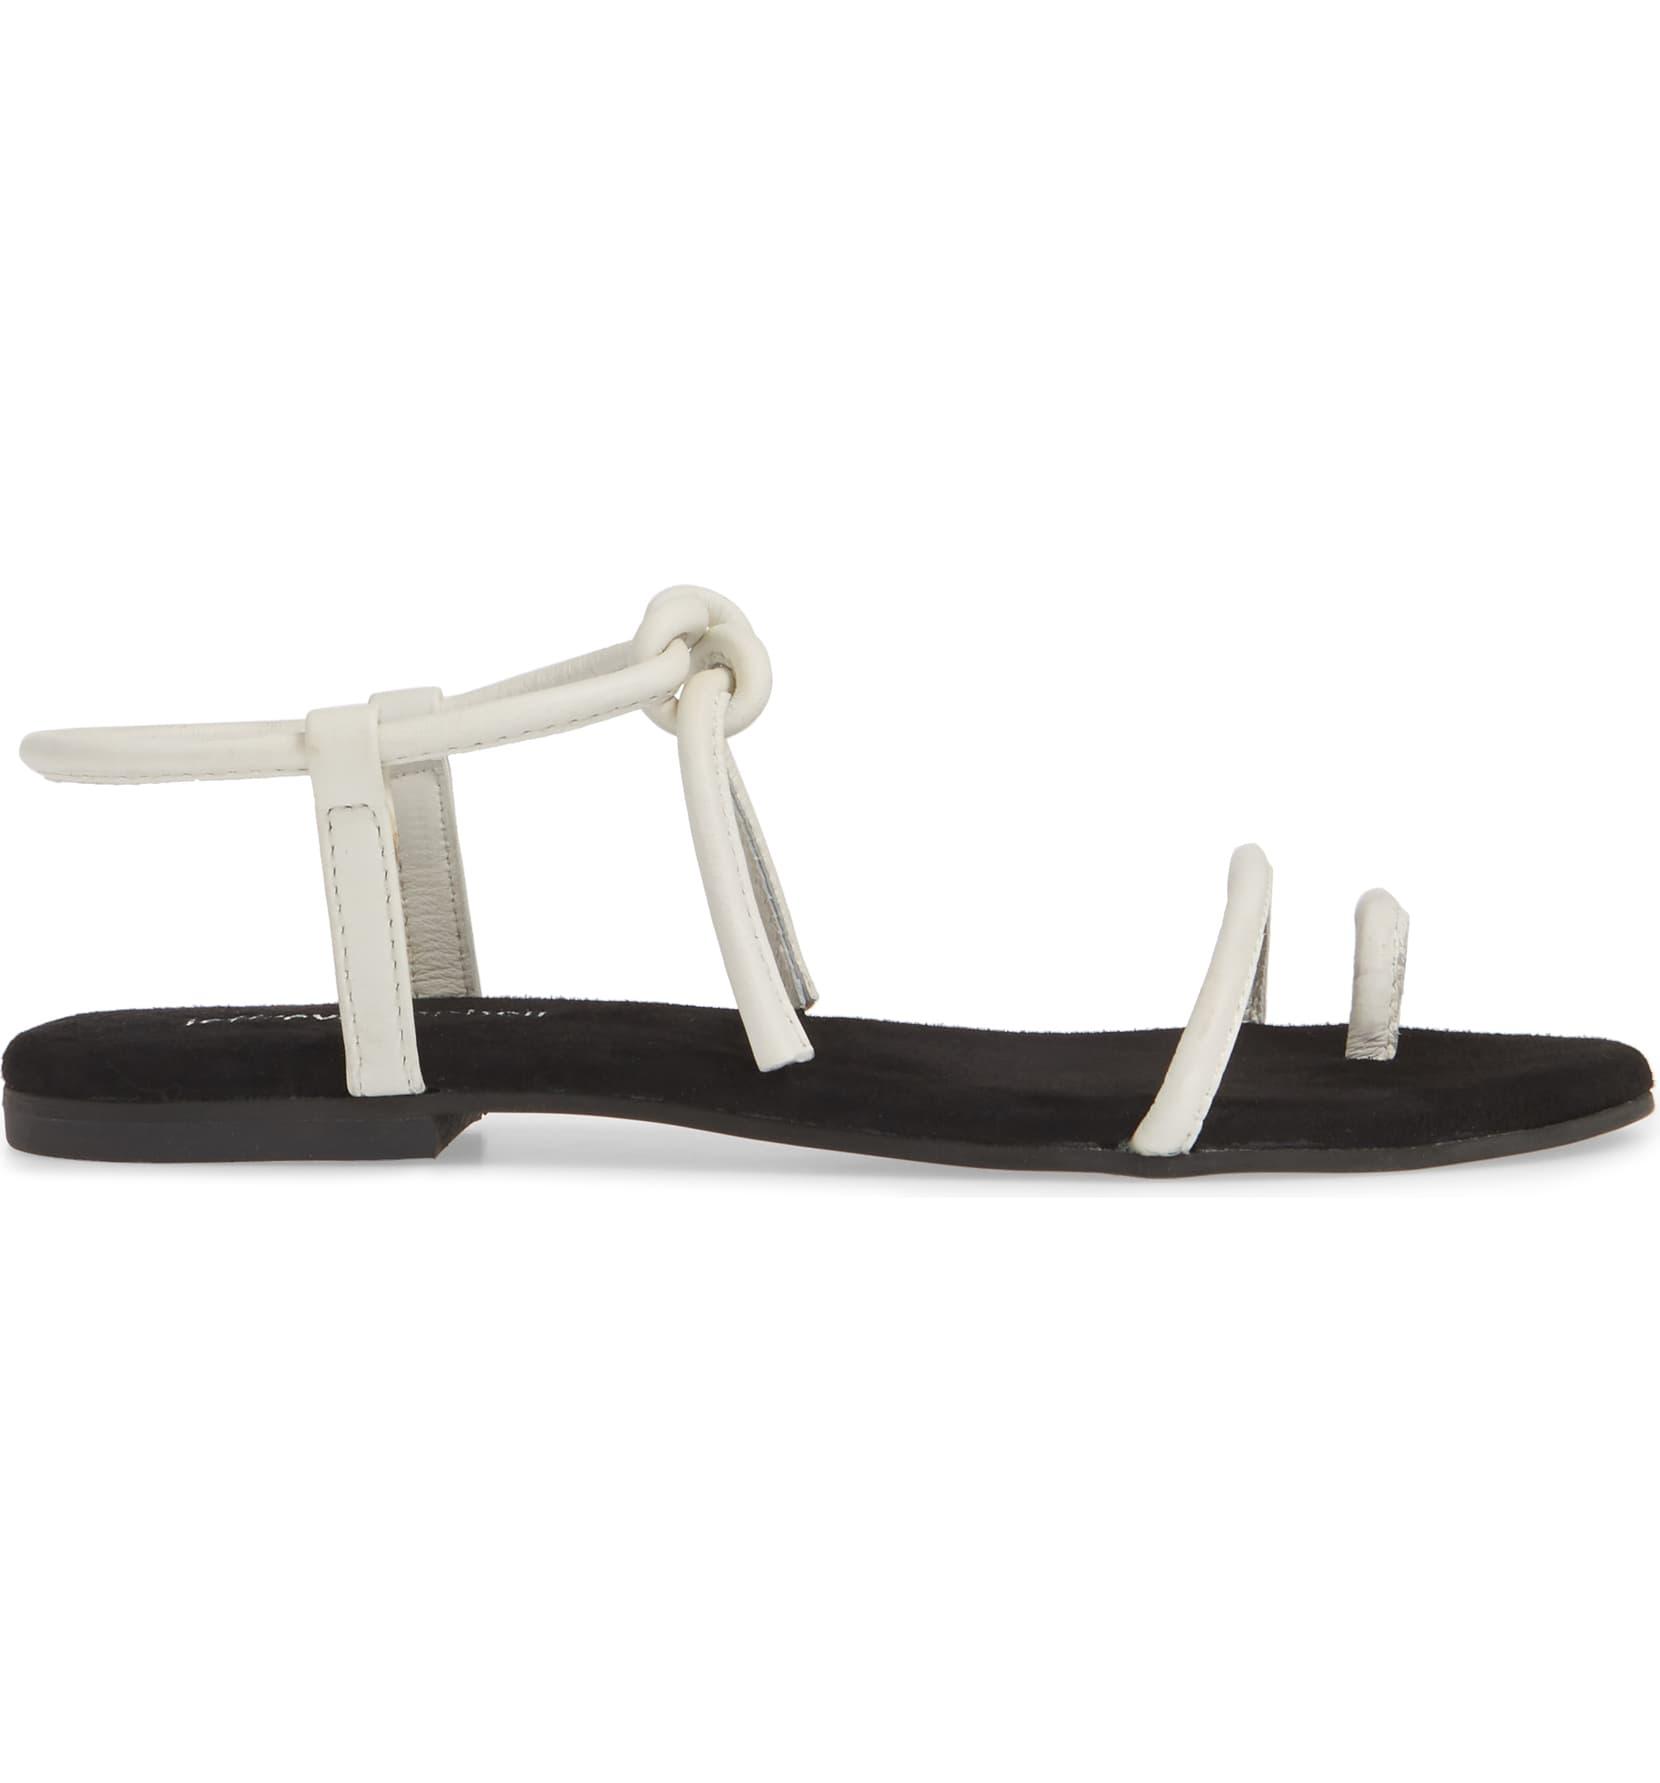 Jeffrey Campbell ASTER en cuir blanc à Lanières Plat Tie Sandal